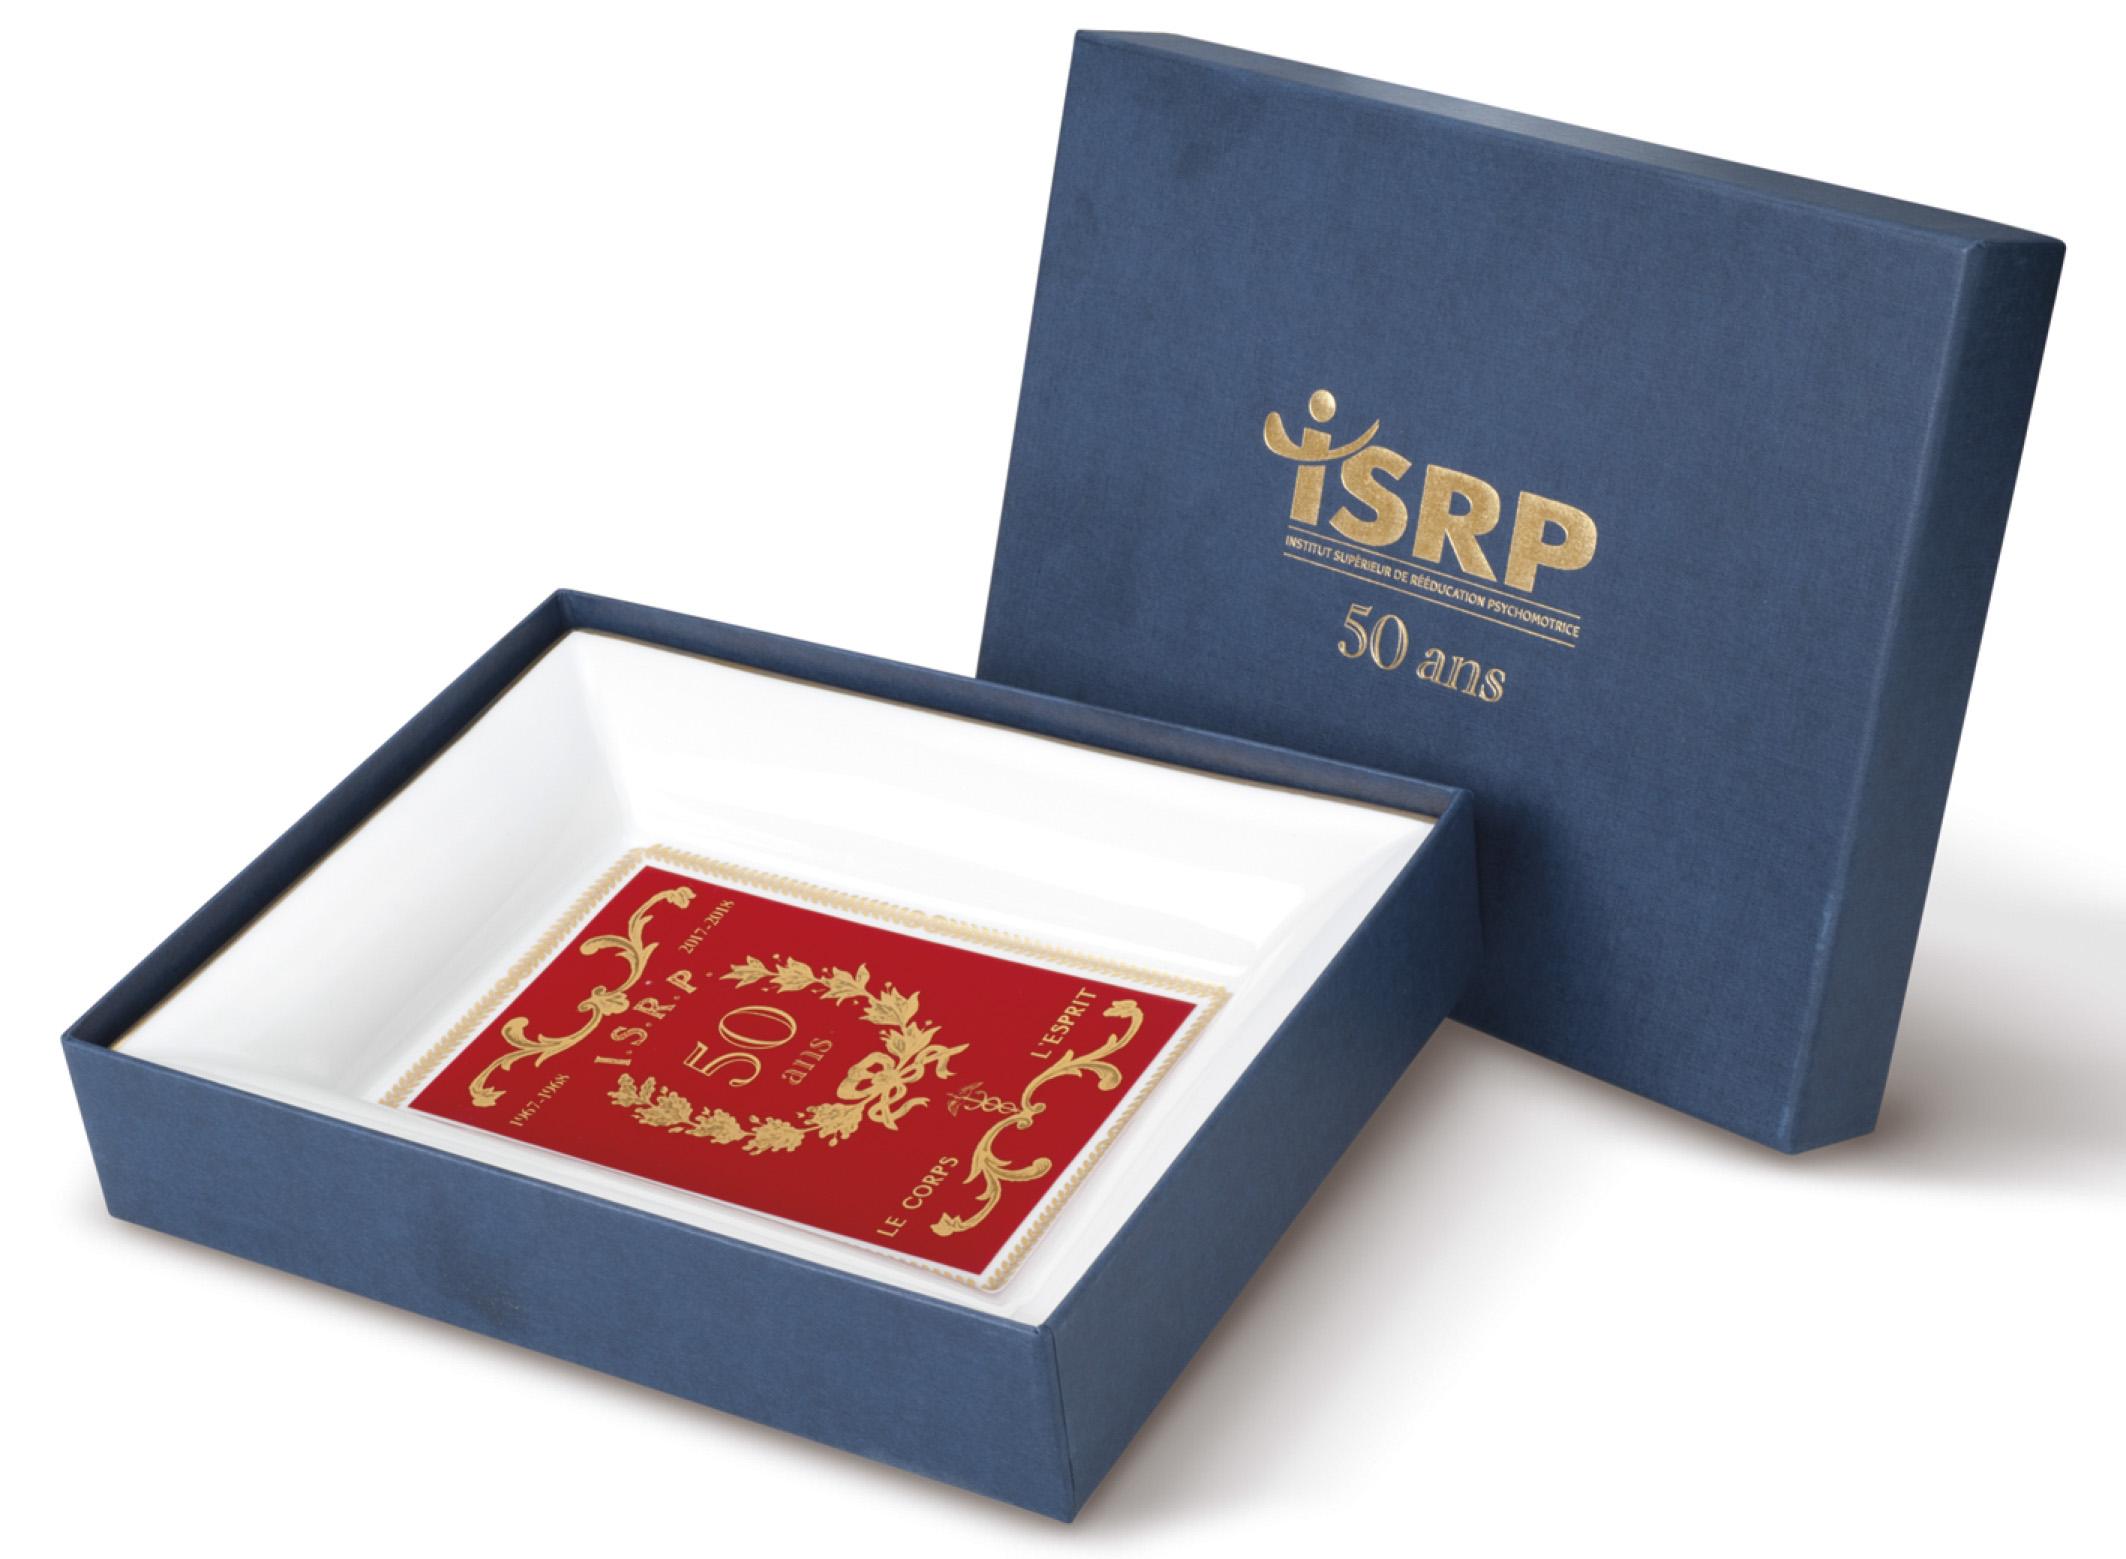 ISRP Vide-poche Porcelaine -2.jpg